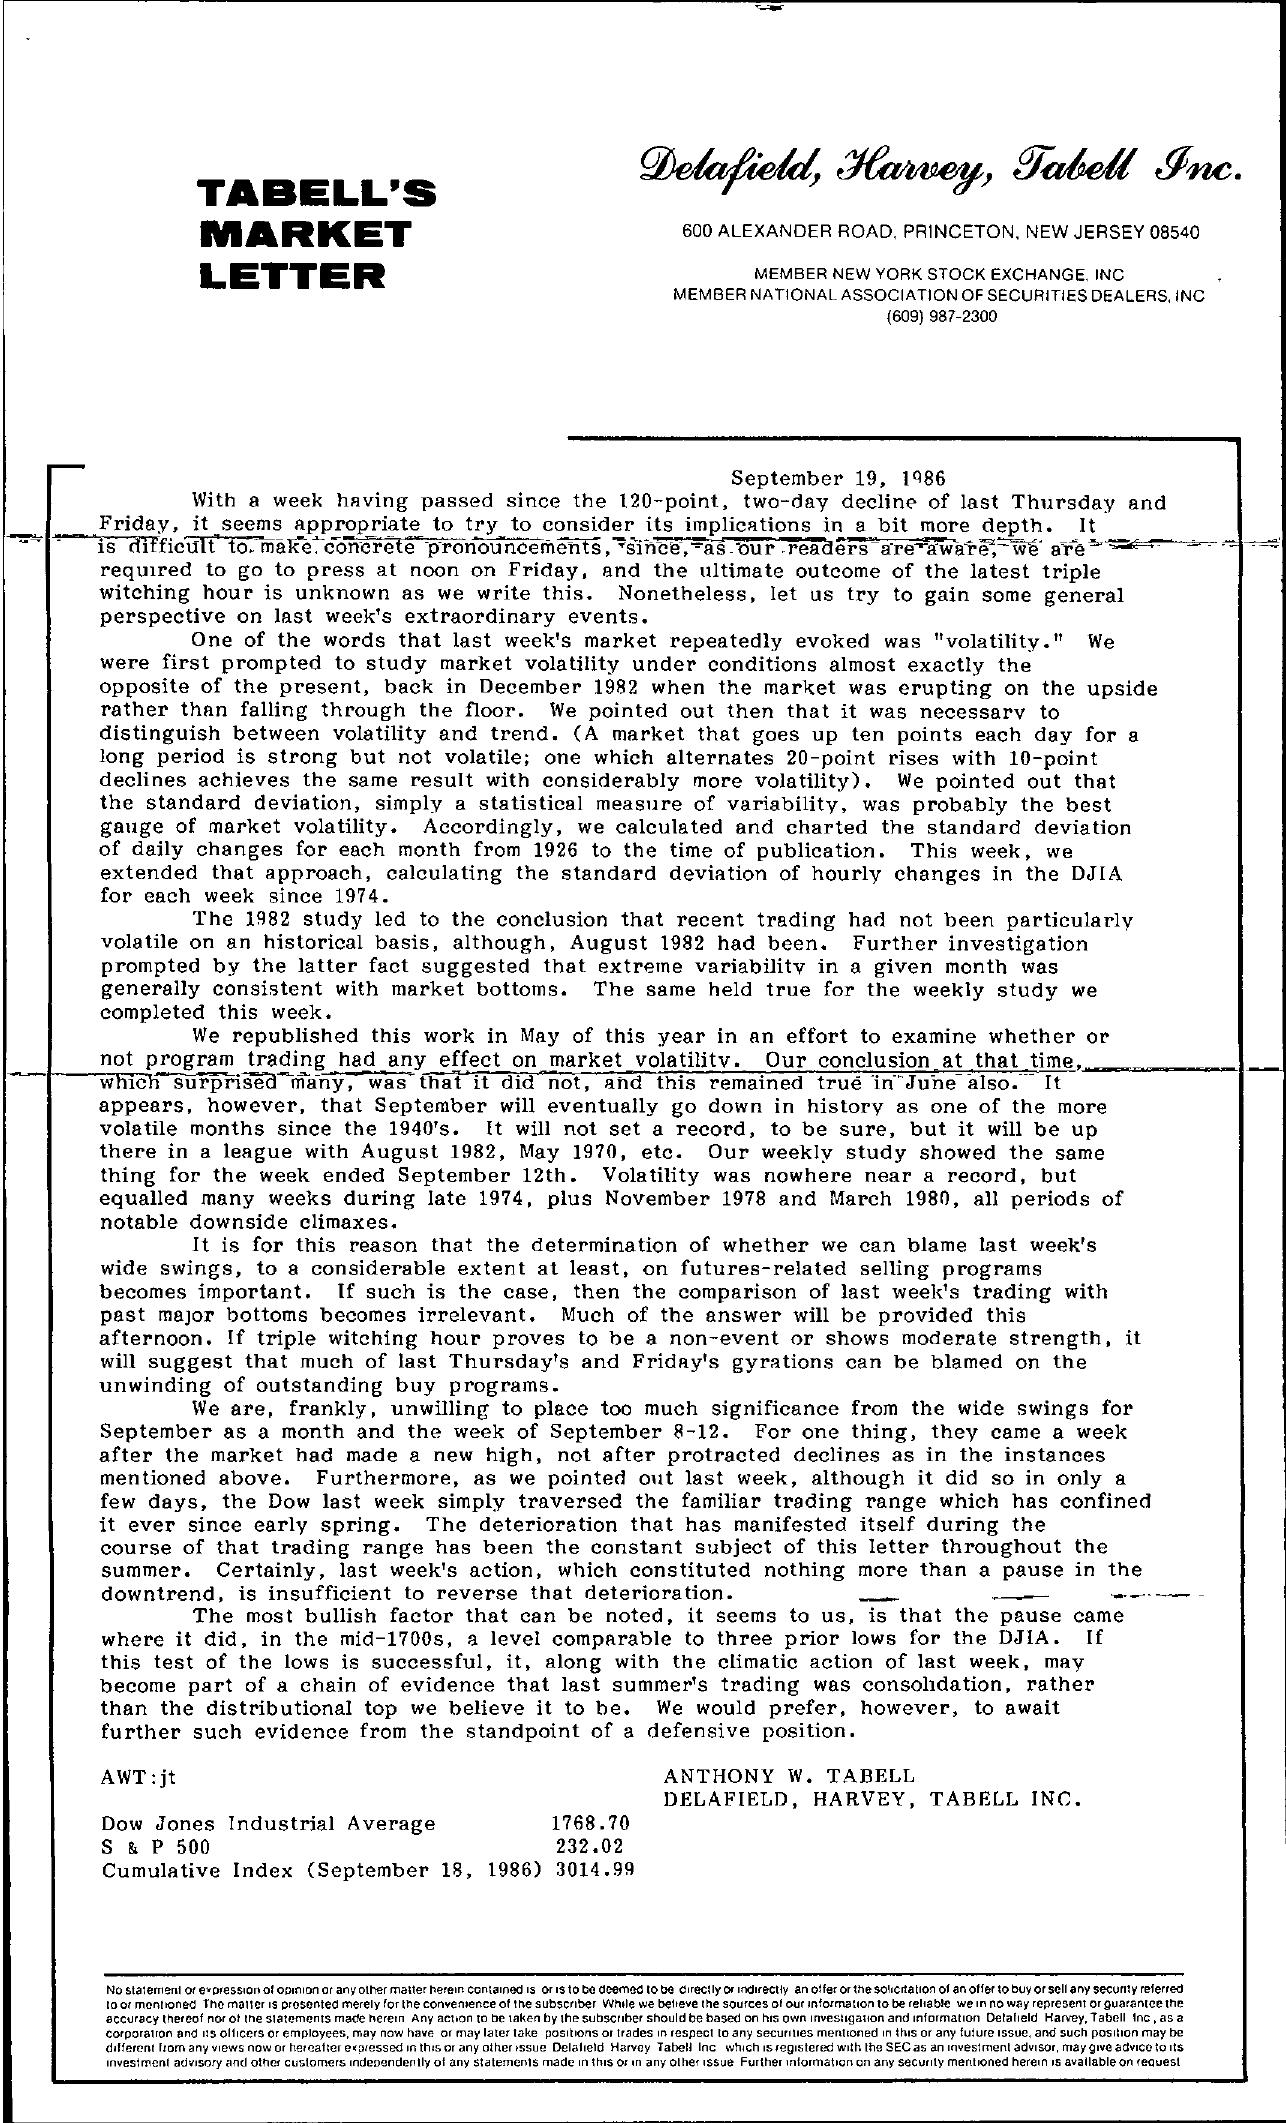 Tabell's Market Letter - September 19, 1986